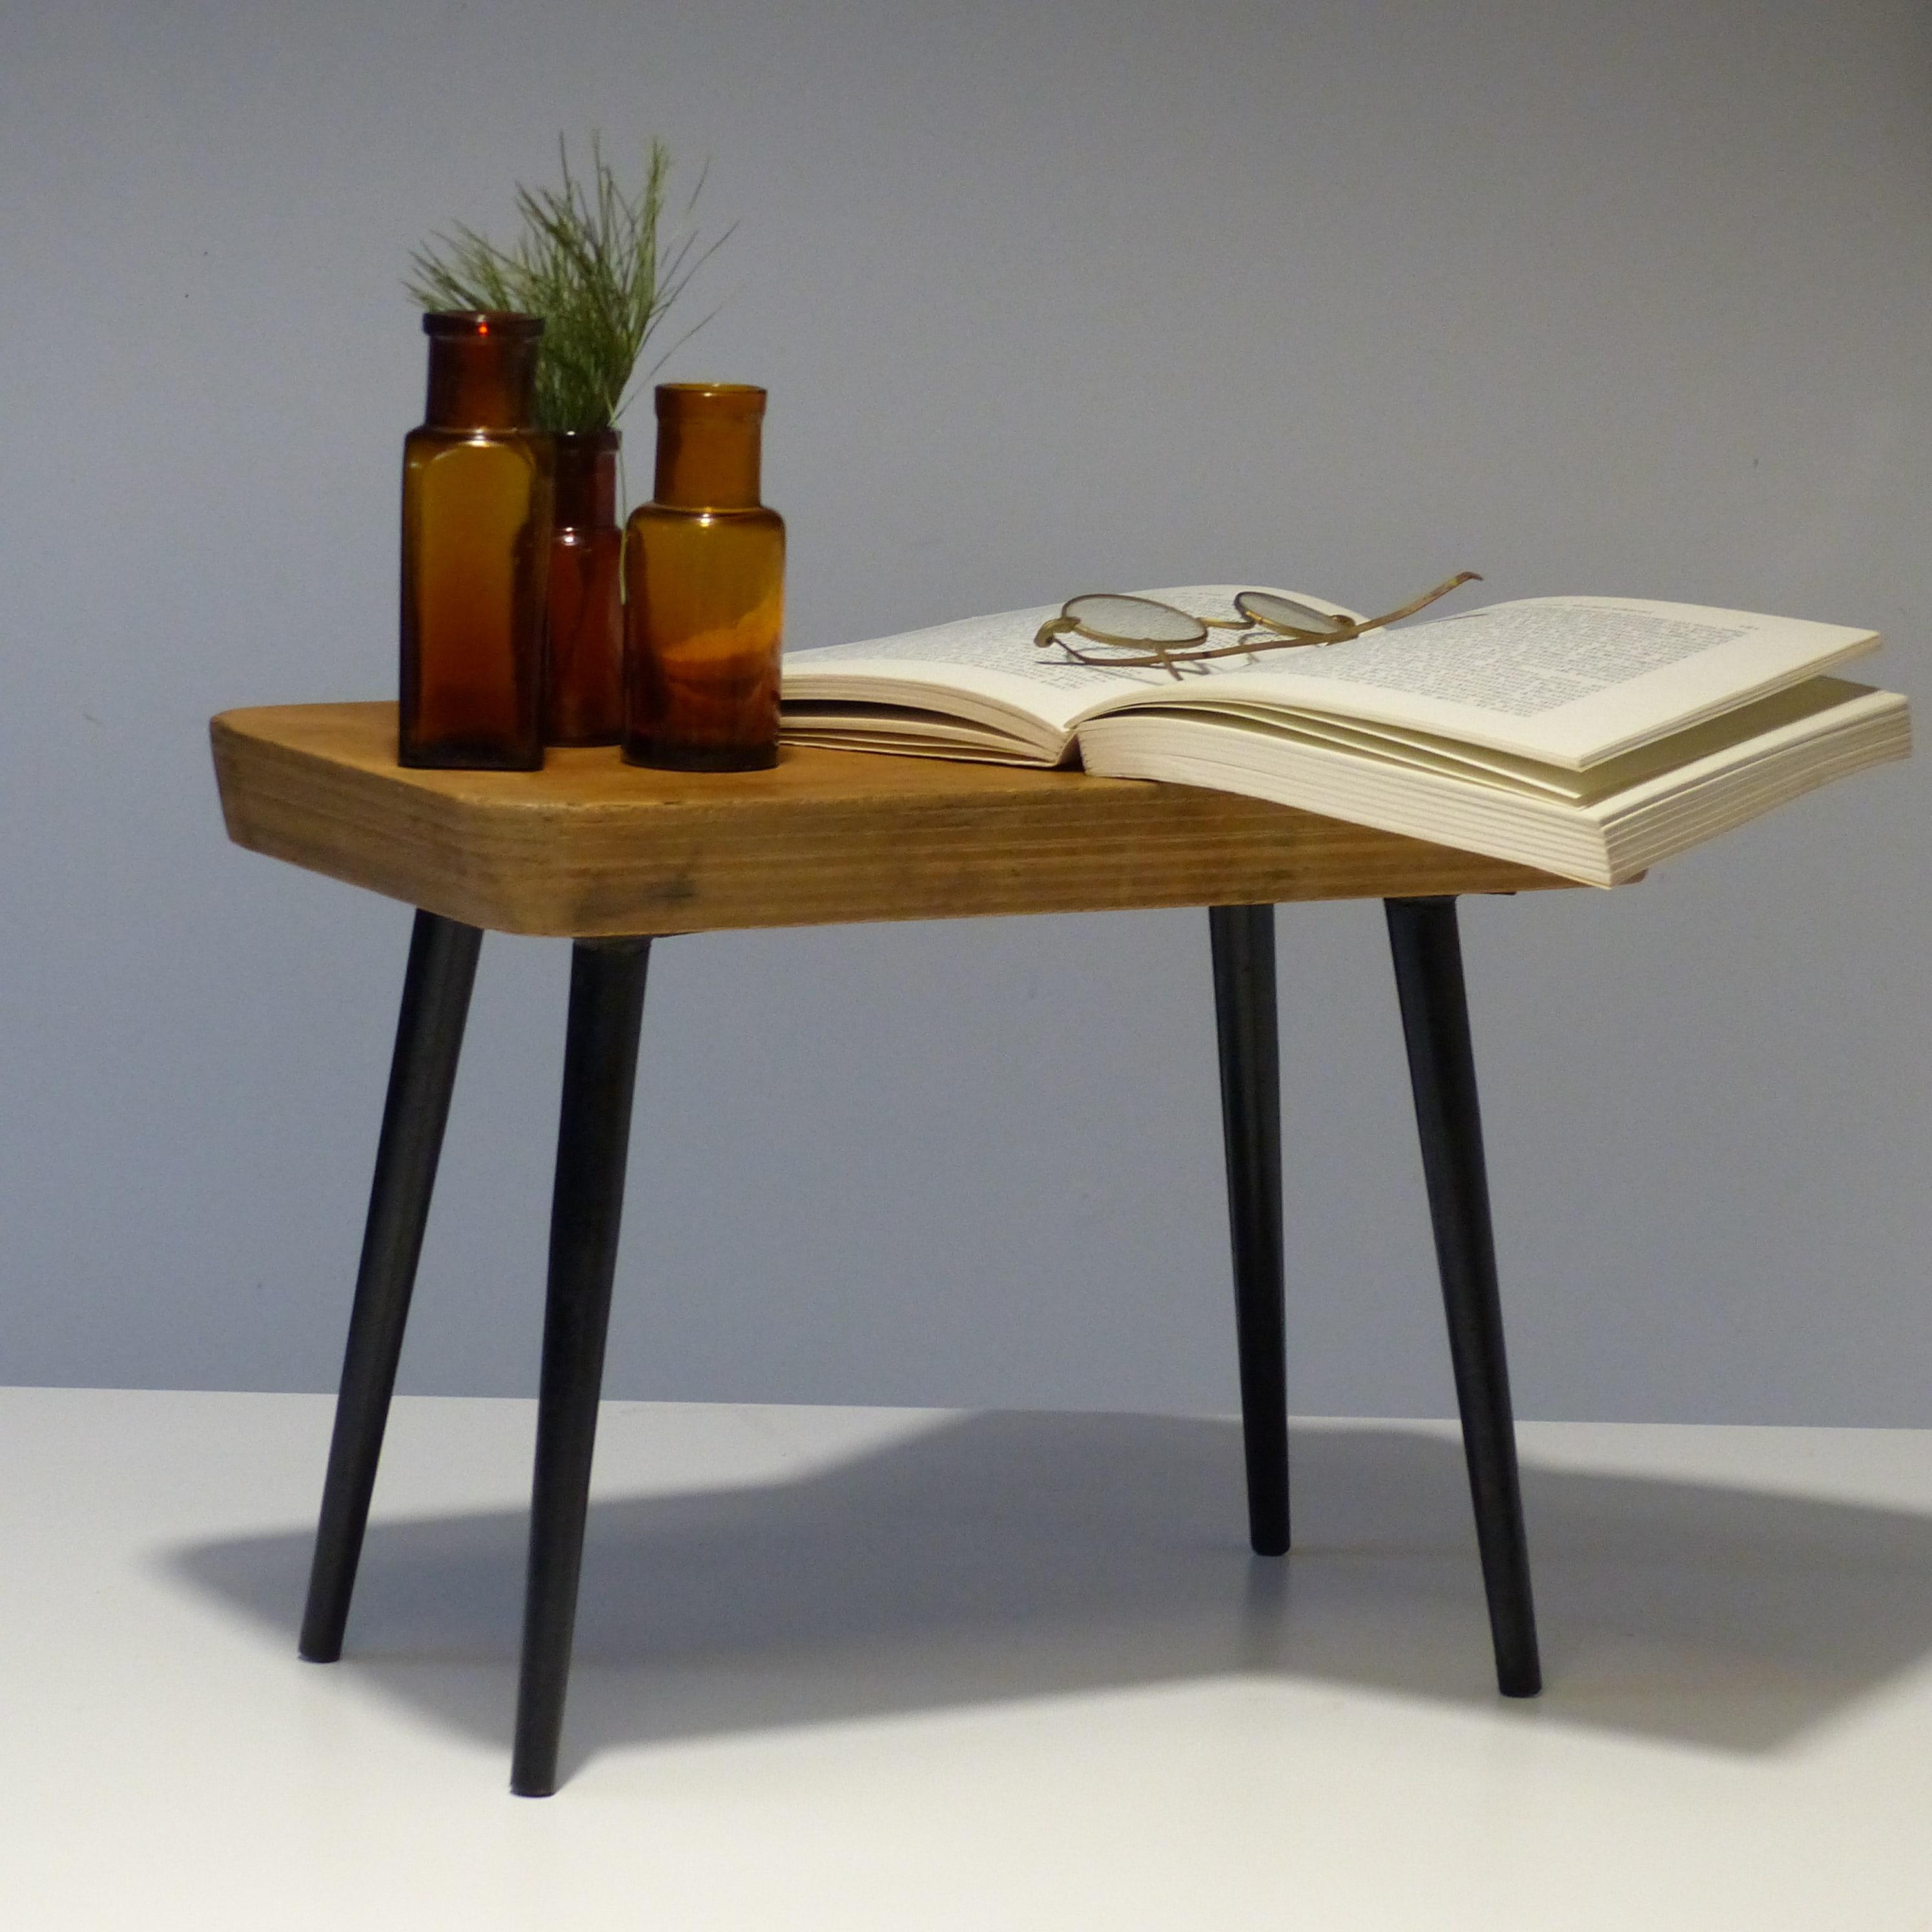 petit repose pied des ann es 50 lignedebrocante brocante en ligne chine pour vous meubles. Black Bedroom Furniture Sets. Home Design Ideas